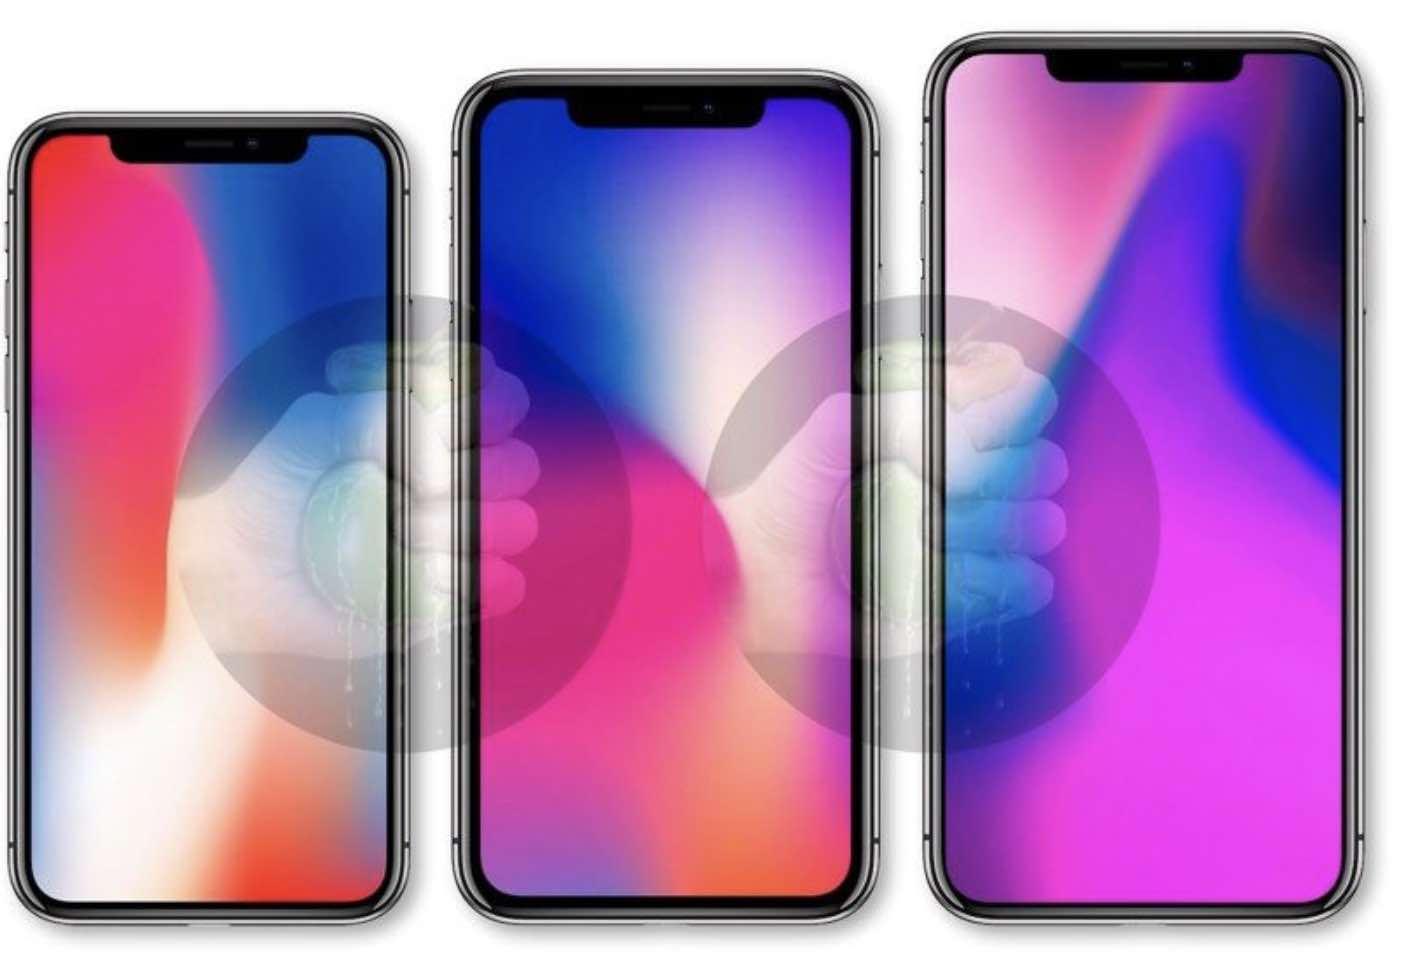 Renderings of two new iPhone models emerge.jpg